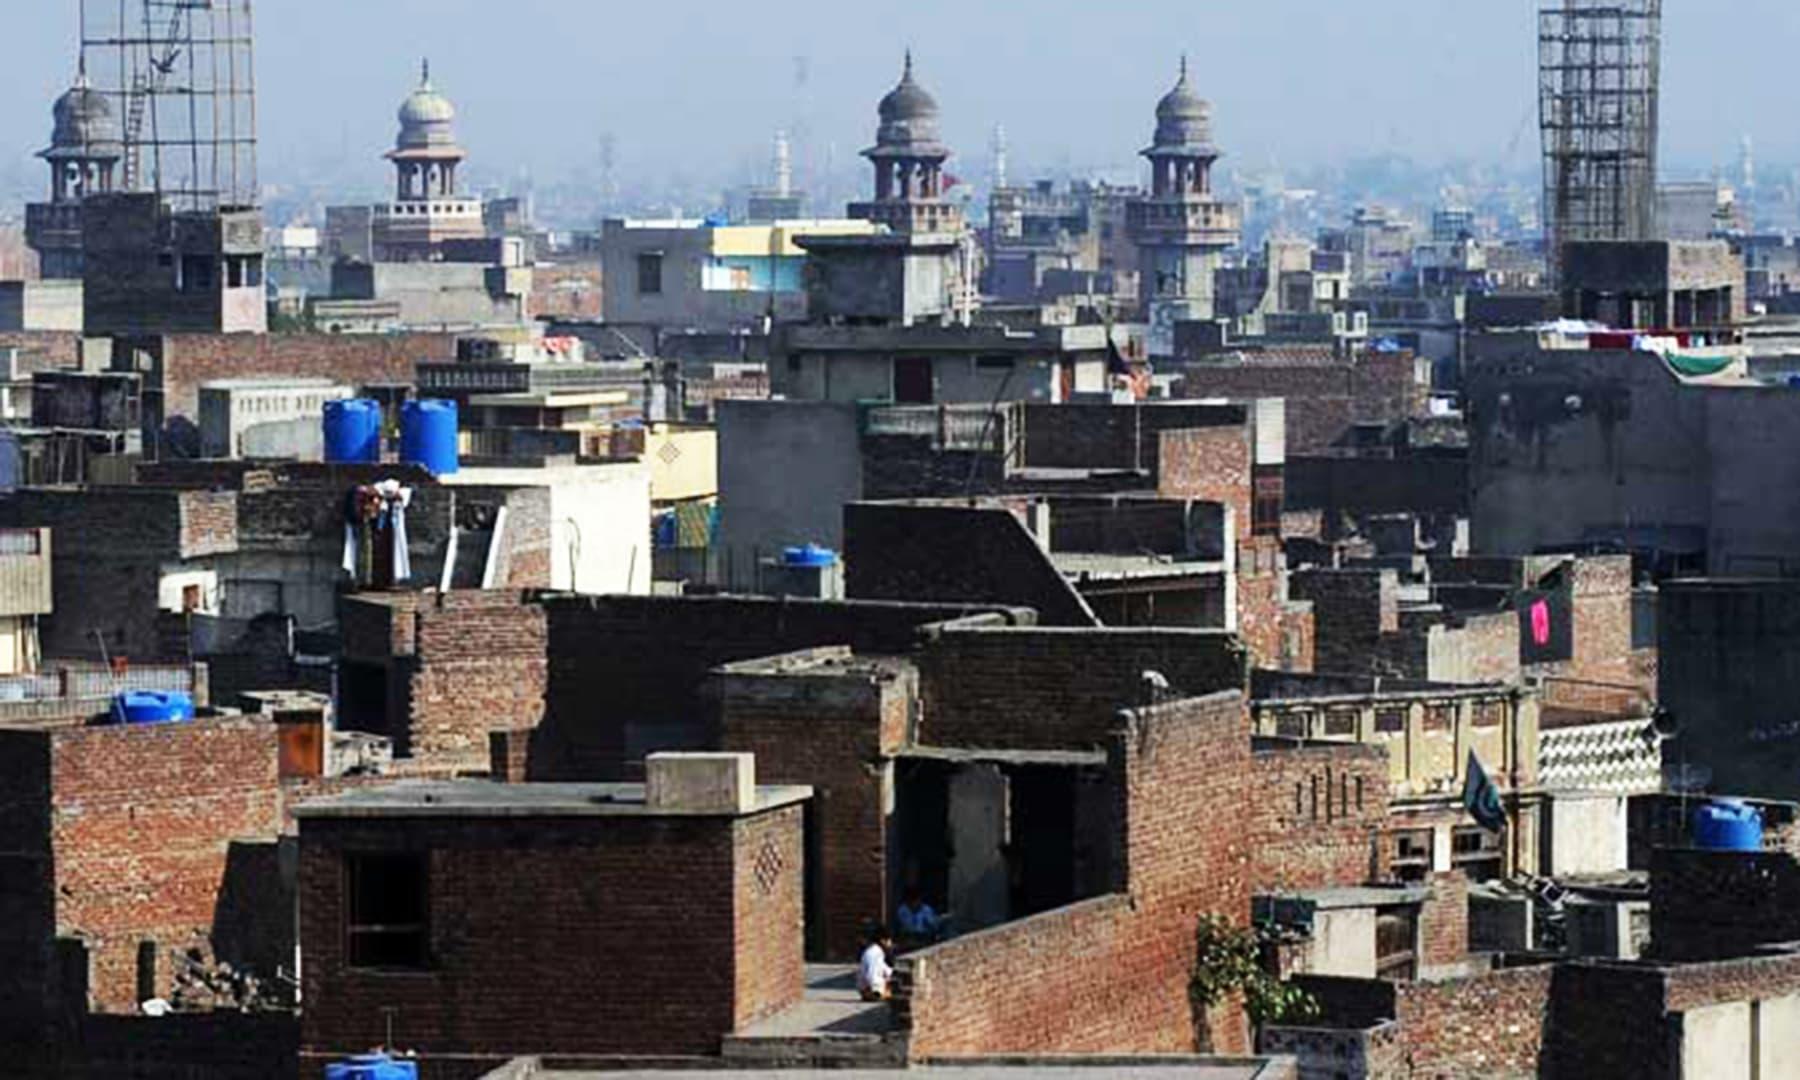 شہر لاہور کا ایک پرانہ محلہ — تصویر عارف علی/ اے ایف پی